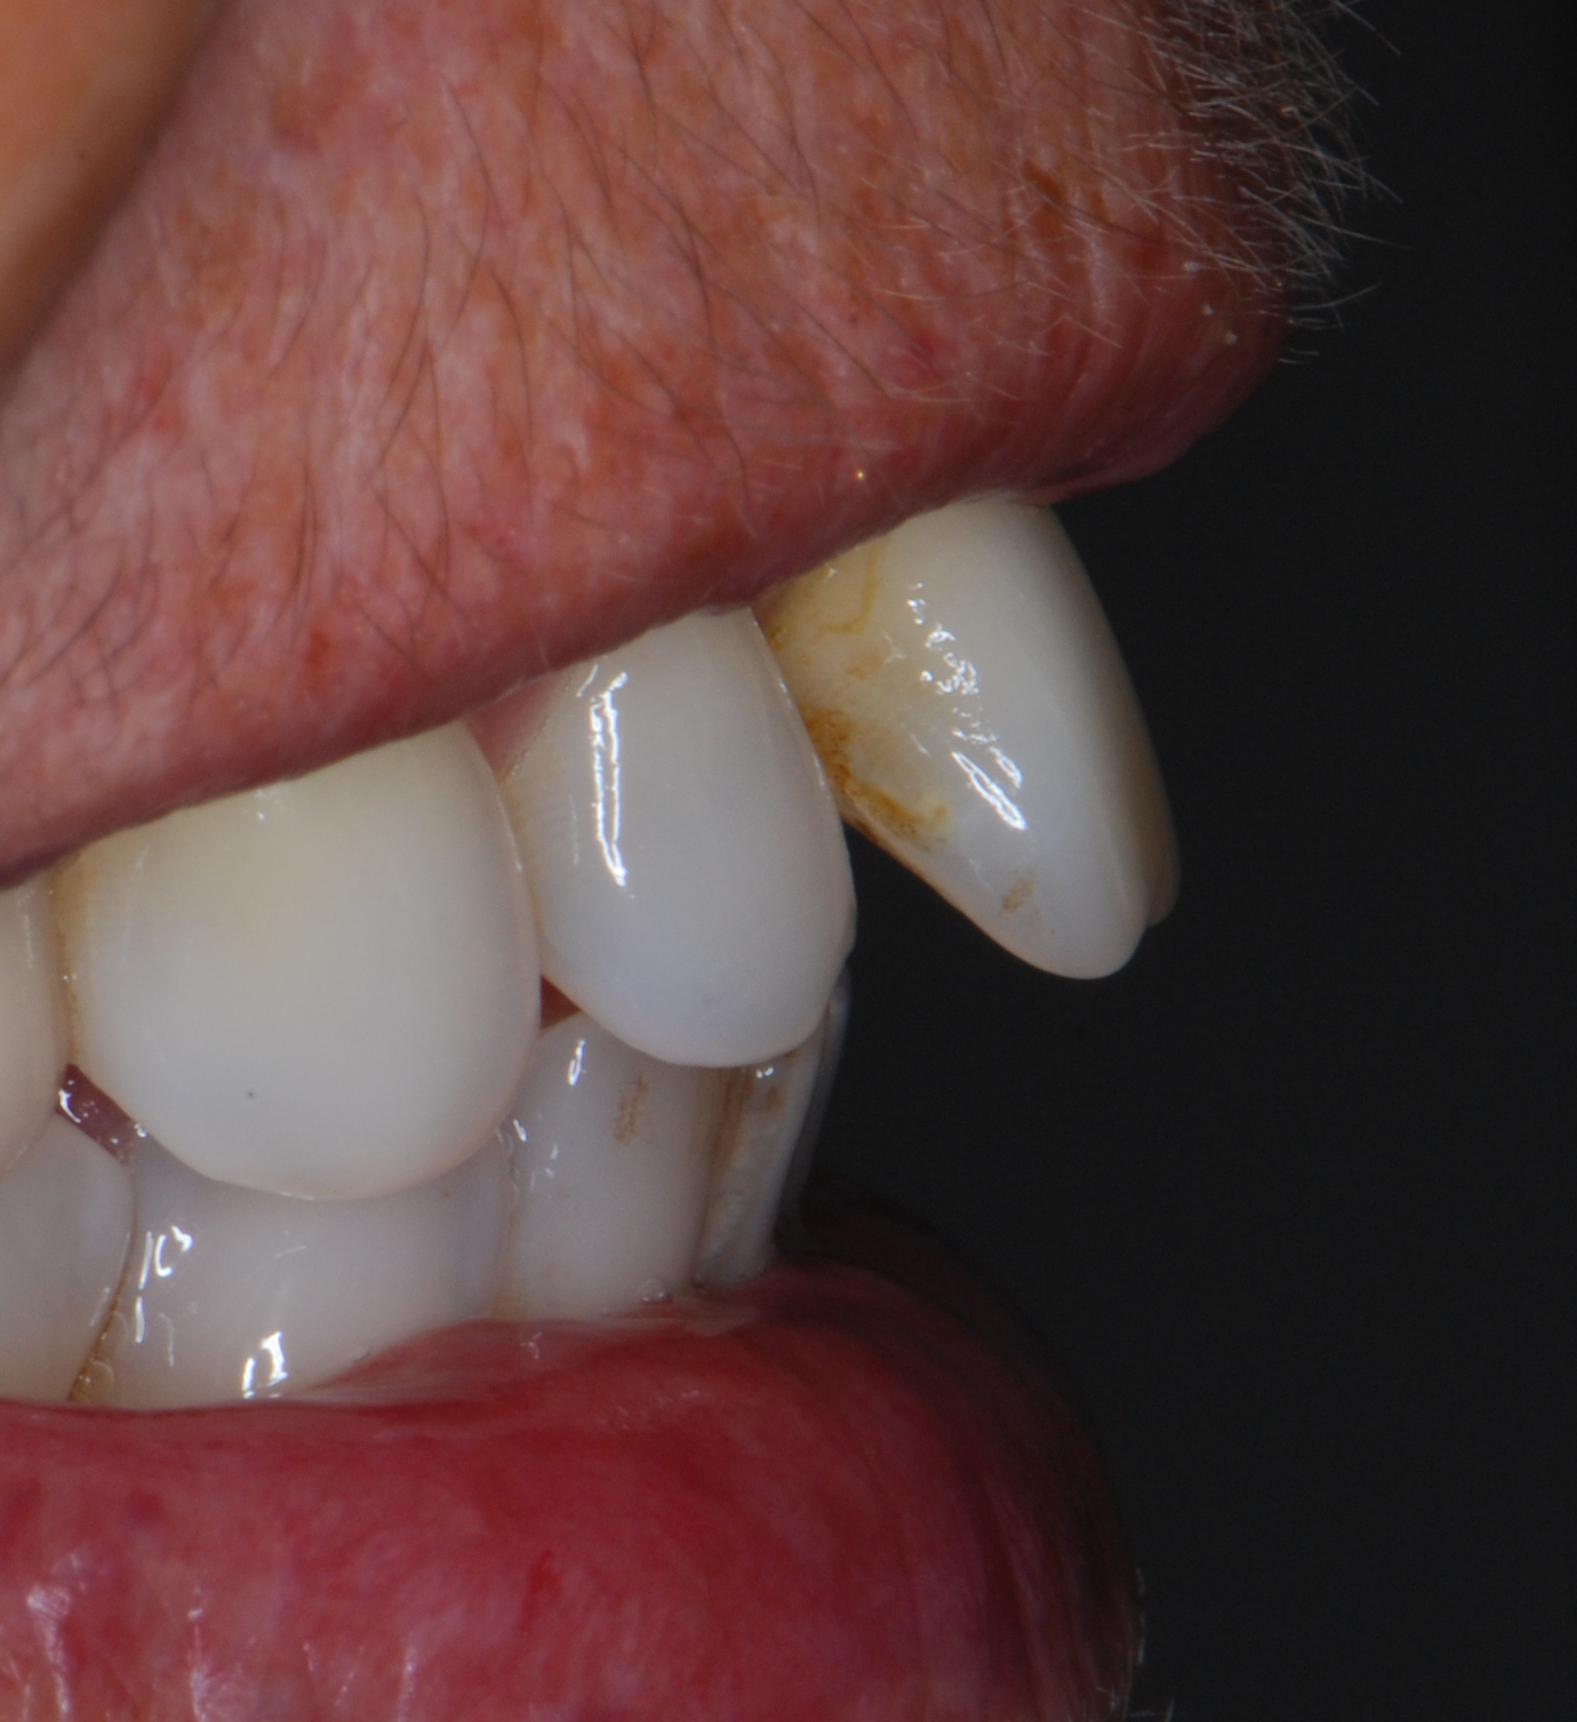 El mismo día de la extracción del incisivo, sale de la consulta con su diente fijo y el implante puesto.